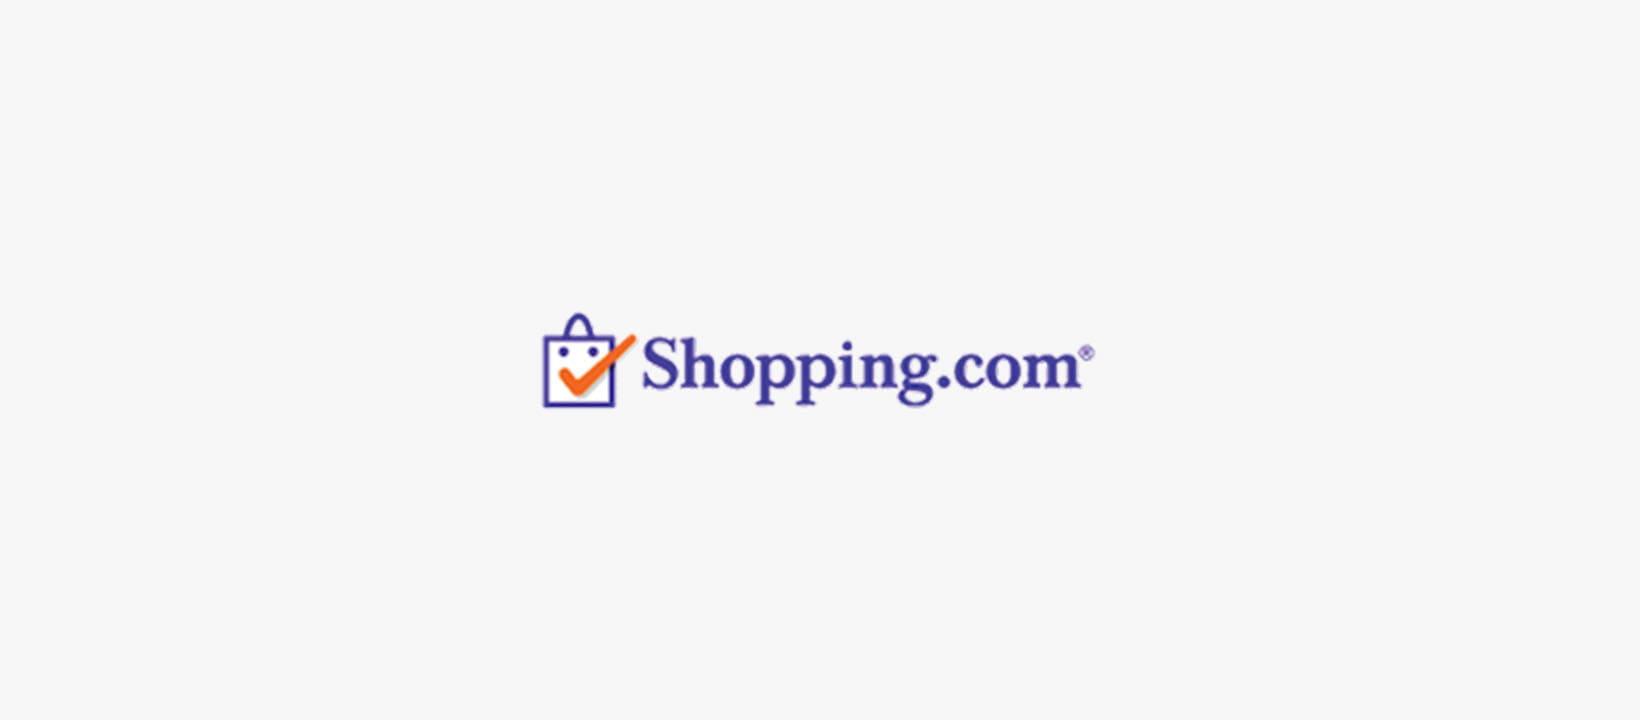 مواقع تسوق عالمية